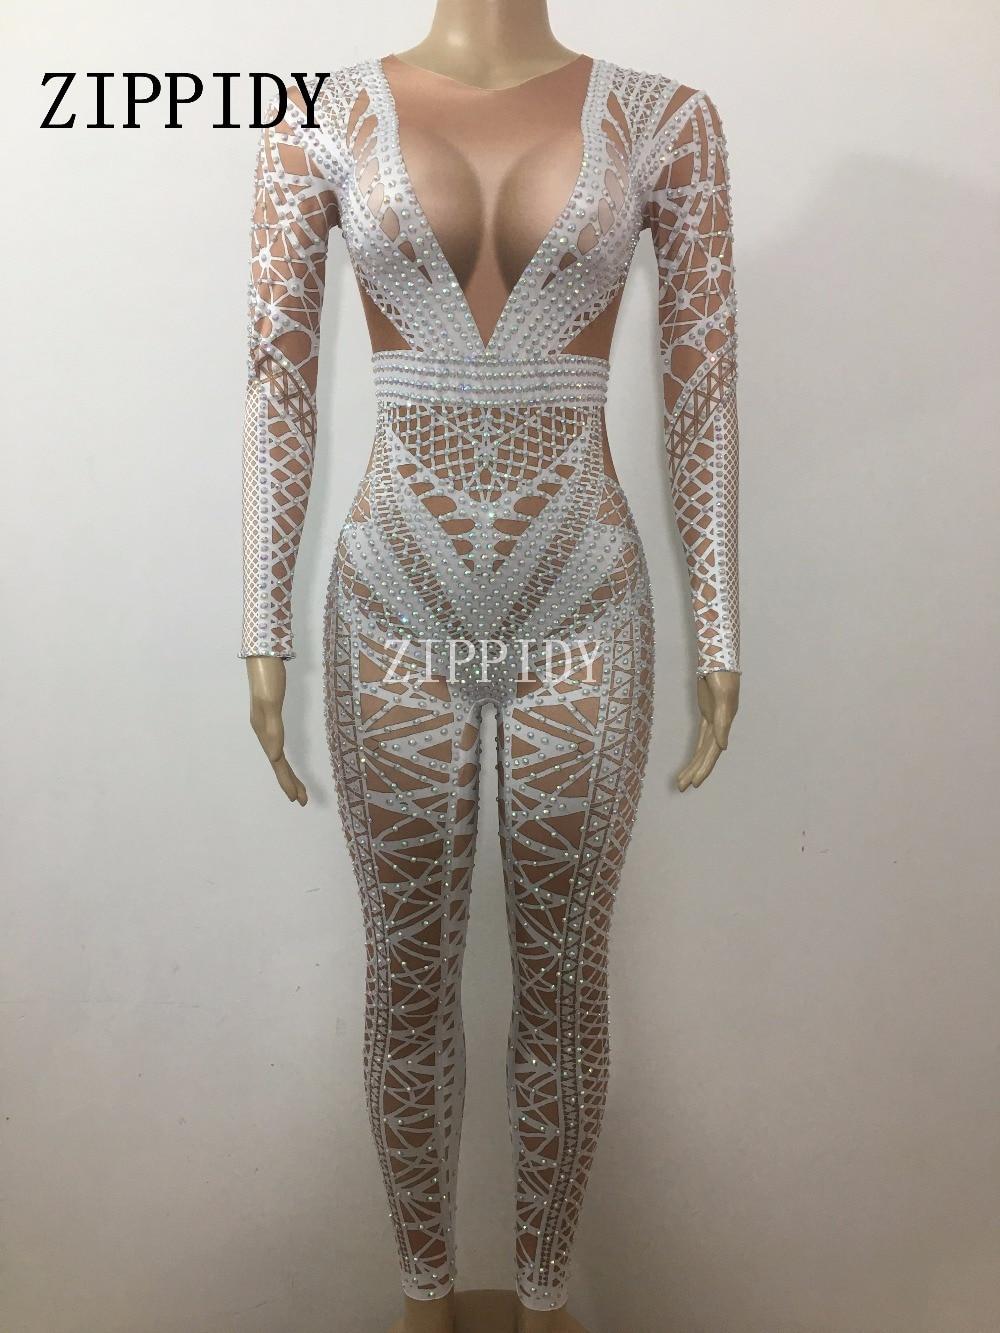 ผู้หญิงแฟชั่น Jumpsuit เครื่องแต่งกาย   ชิ้นไนท์คลับเต้นรำผ้าพันคอพิมพ์ชุดปาร์ตี้ฉลองสวมใส่-ใน จั๊มพ์สูท จาก เสื้อผ้าสตรี บน   3